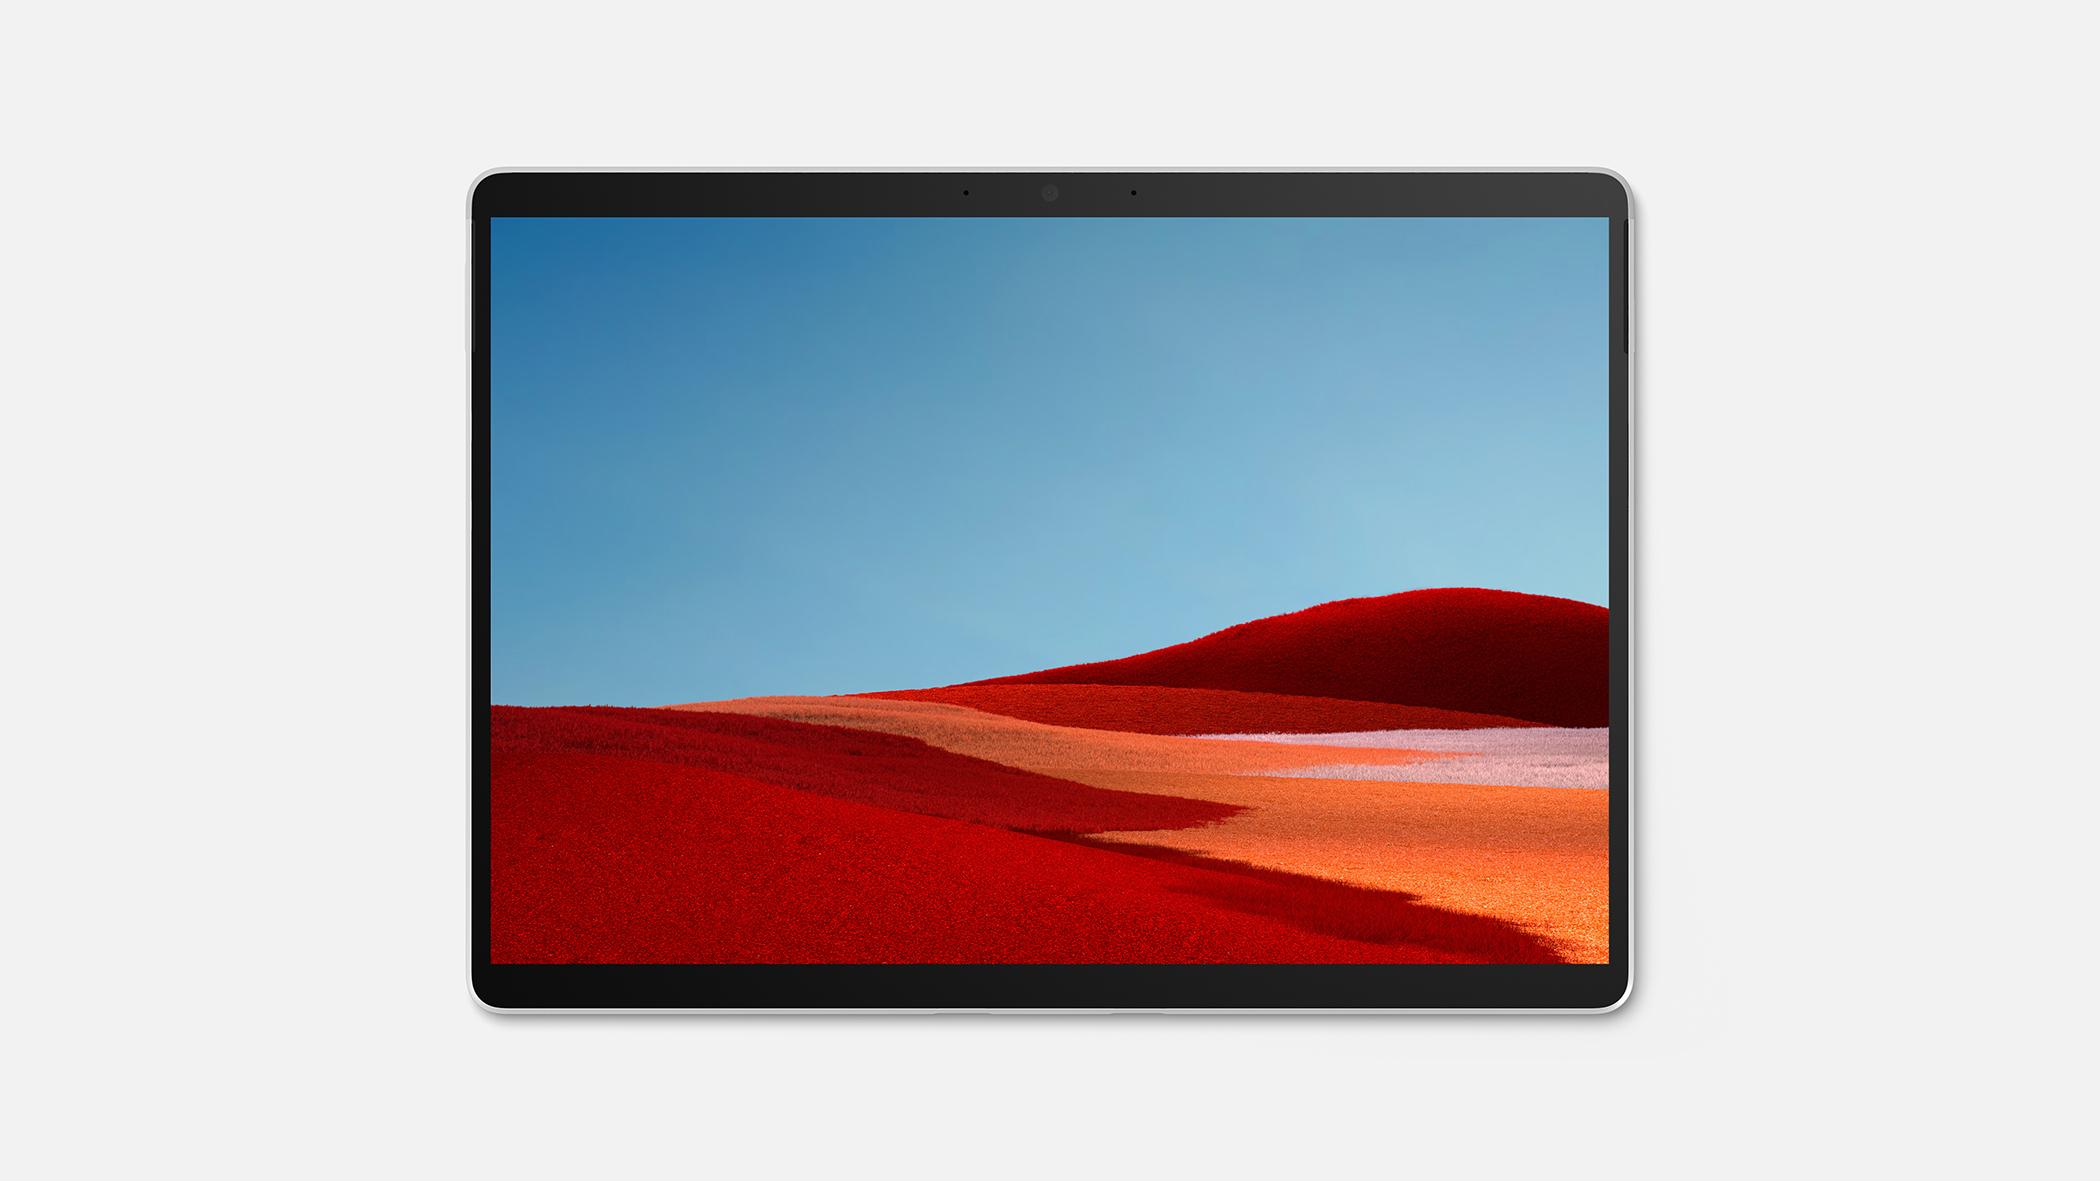 Microsoft Surface Pro X (1X7-00003)